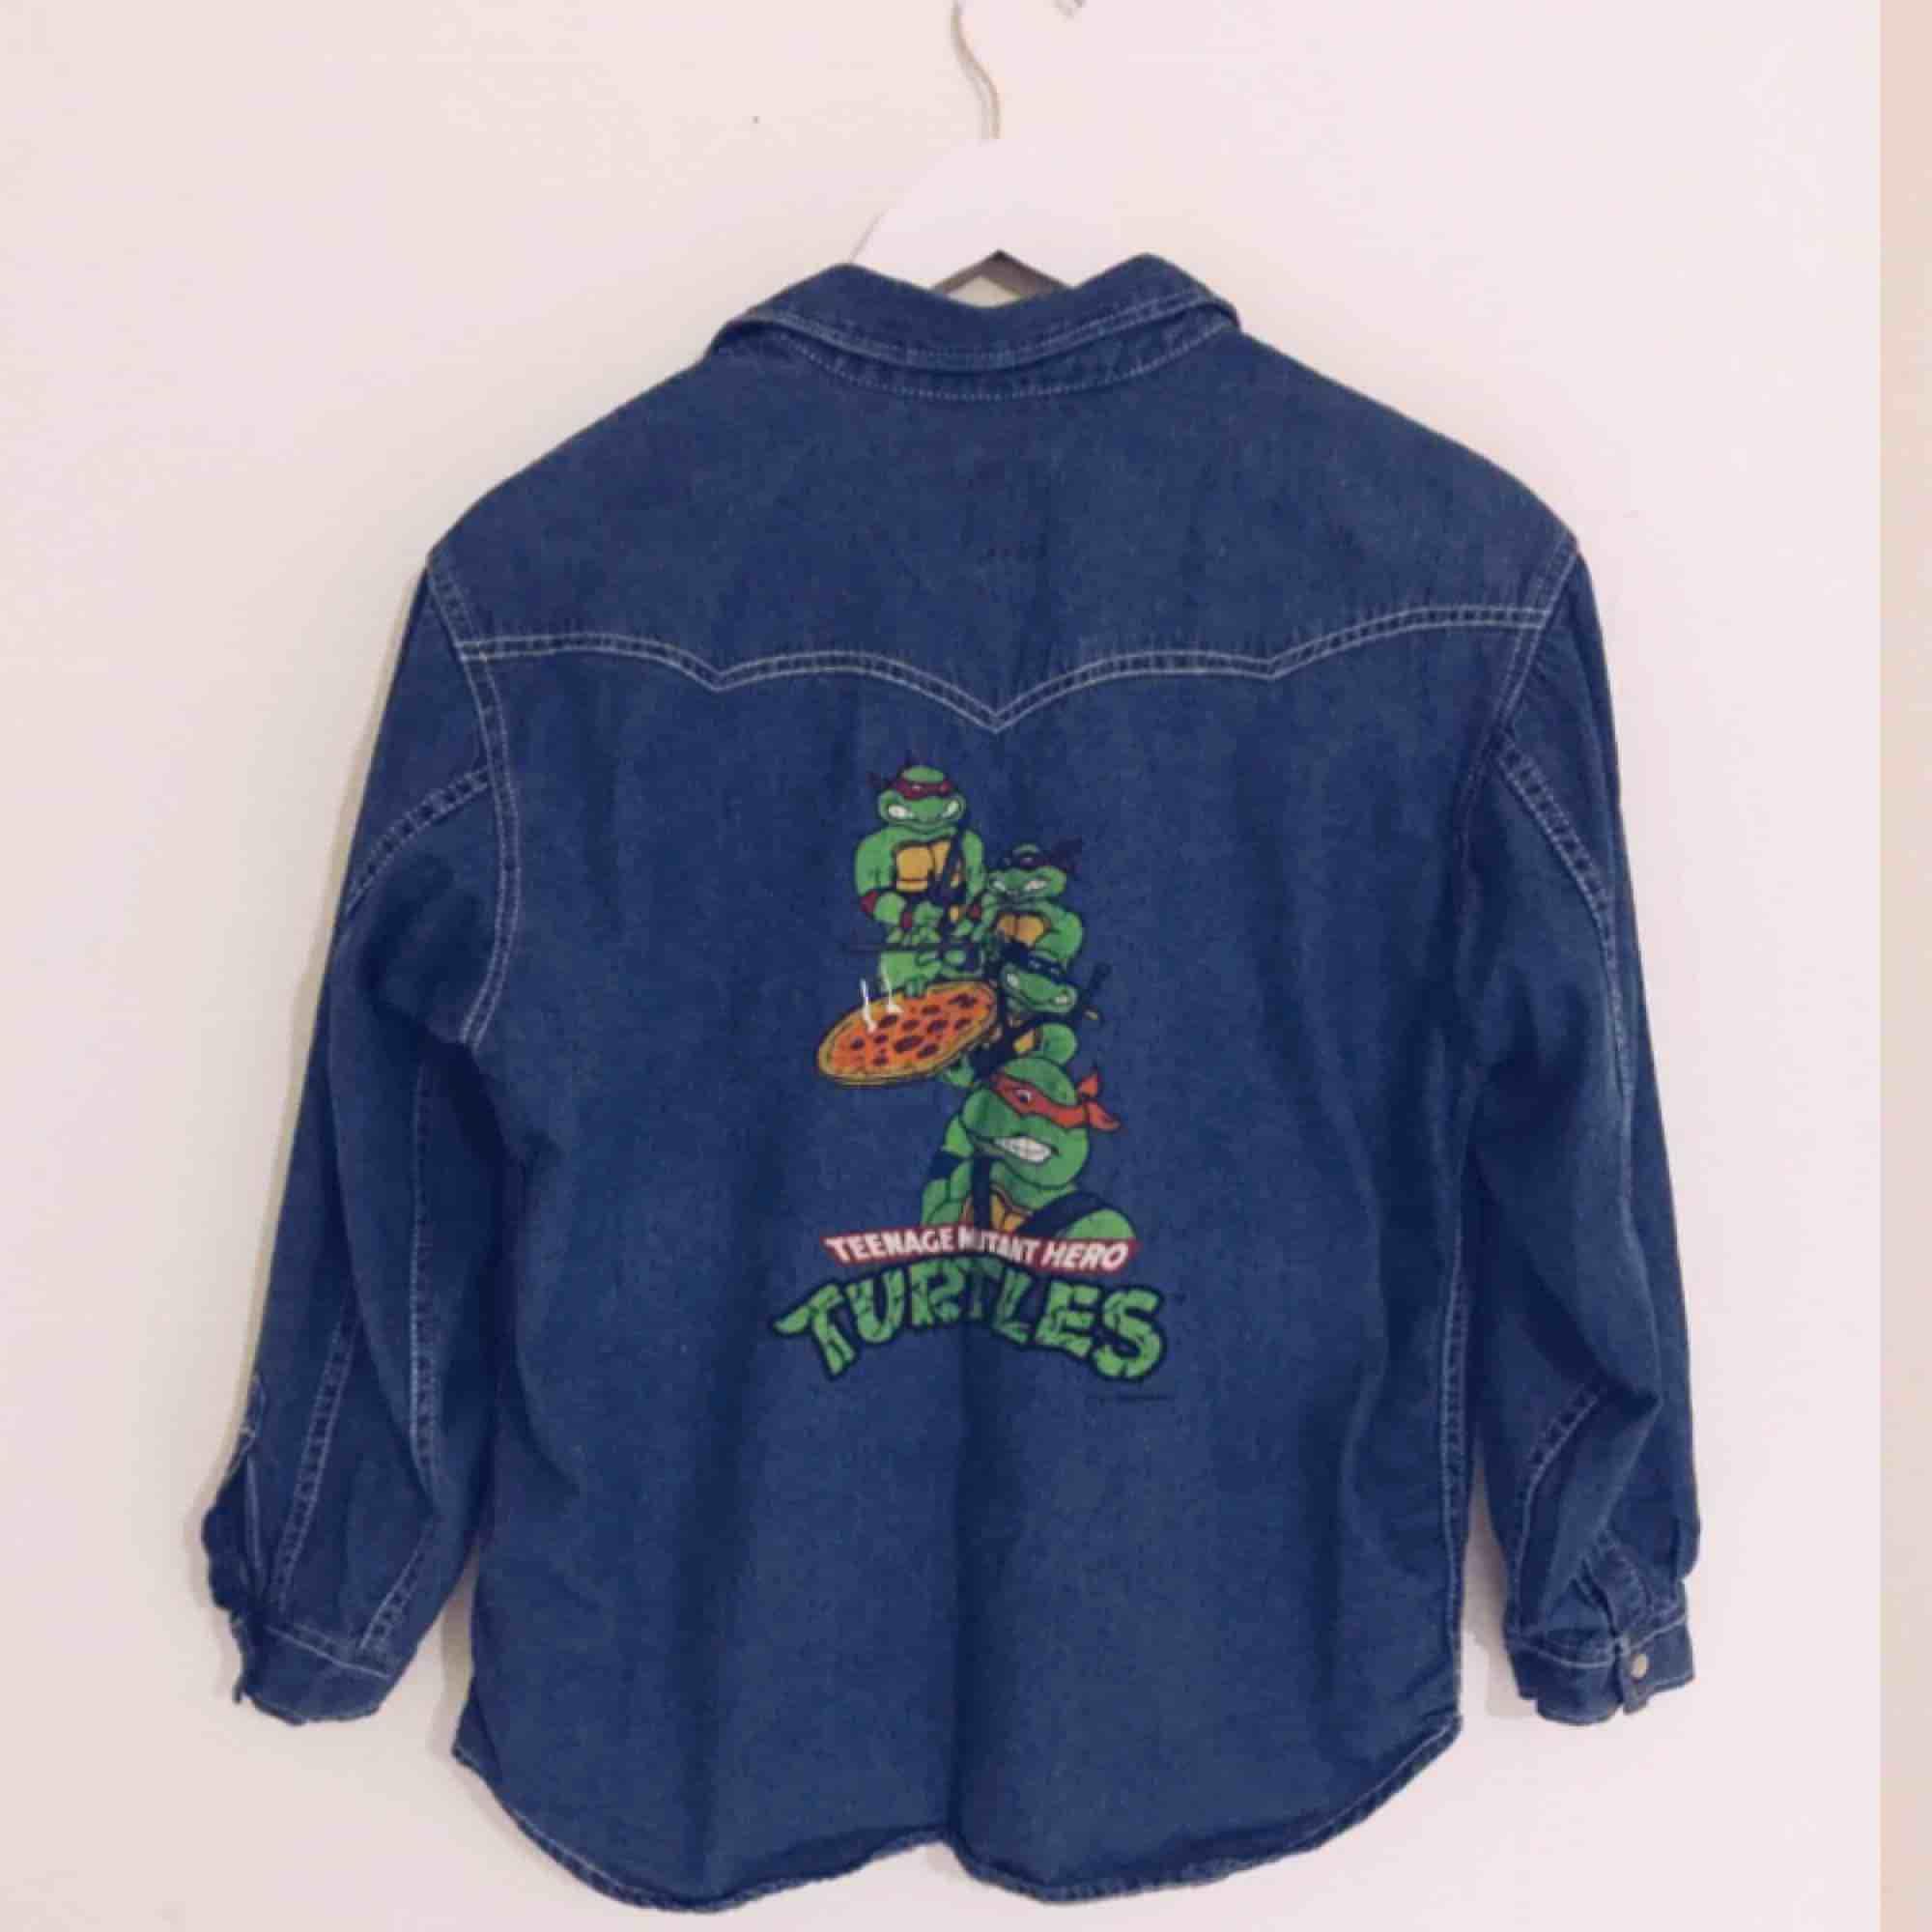 Världens coolaste jeansskjorta från 90-talet med Teenage mutant hero turtles tryck på ryggen(brittiska versionen). Skulle säga att den motsvarar M-L i damstorlek. Knappt använd så i mycket bra skick ✨ Fri frakt vid snabb affär! . Jackor.